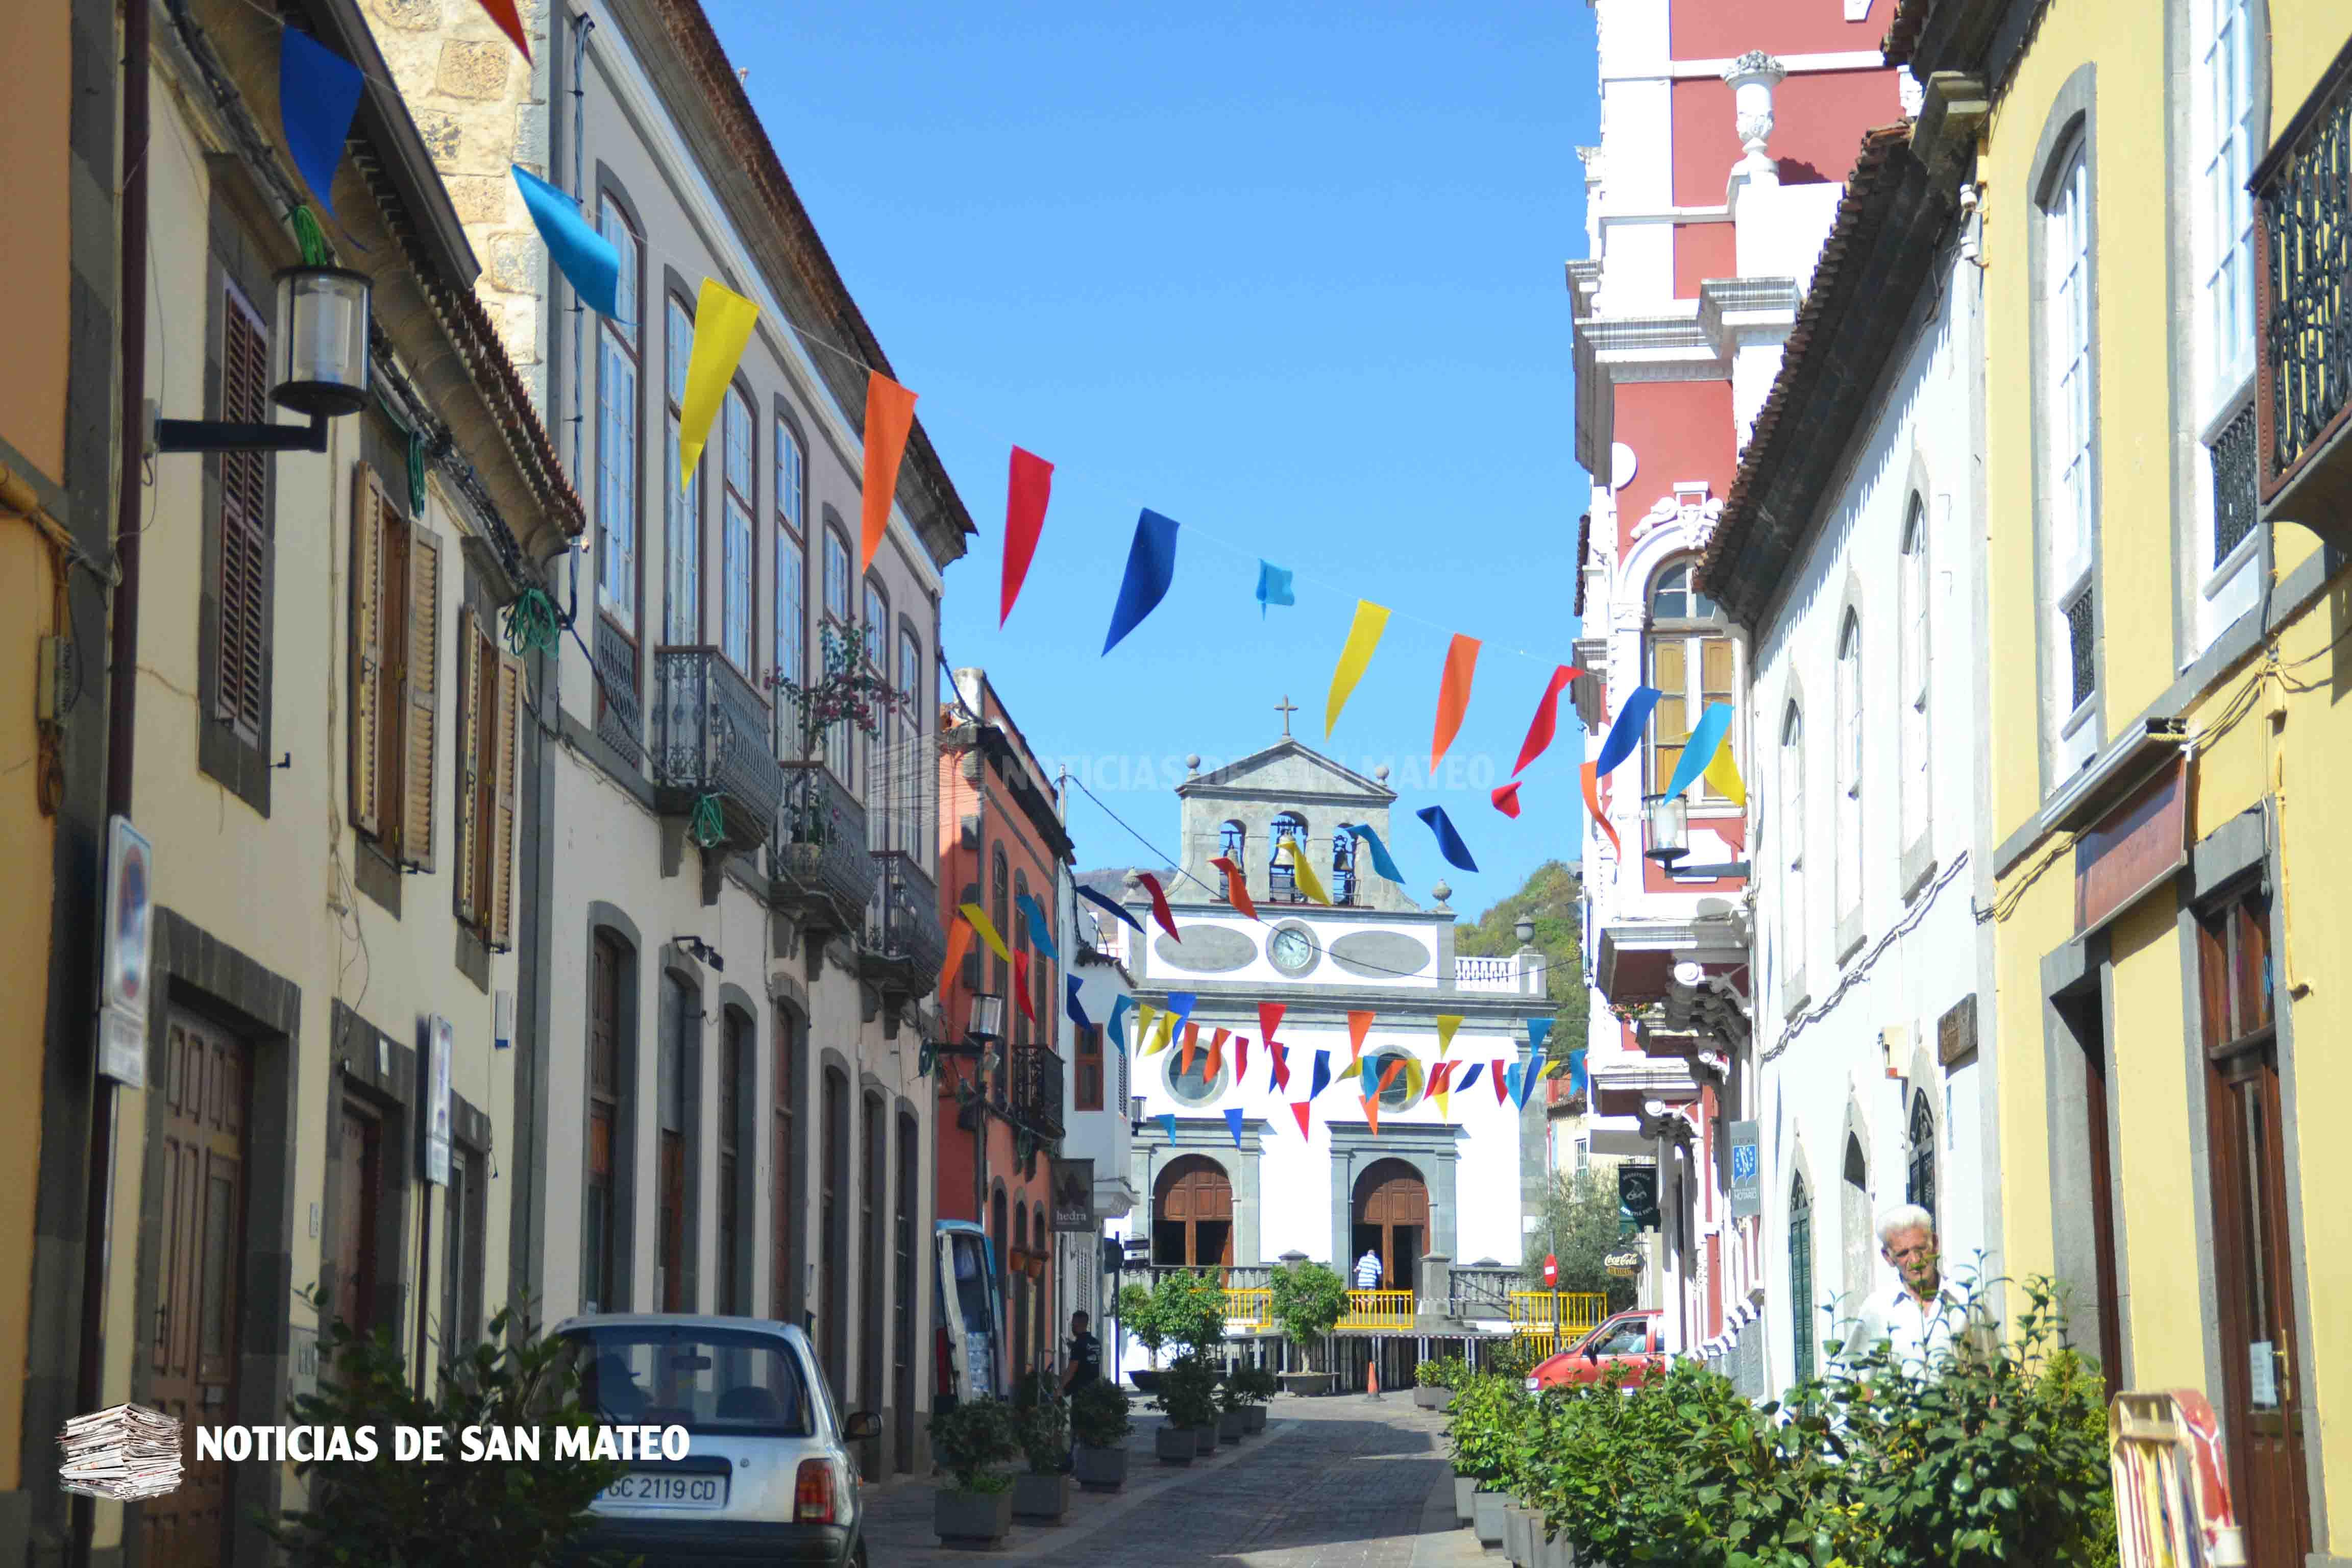 Calle_Principal_con_banderas_de_colores_fiestas_2018_-_Foto_Laura_Miranda_-_Noticias_de_San_Mateo.jpg